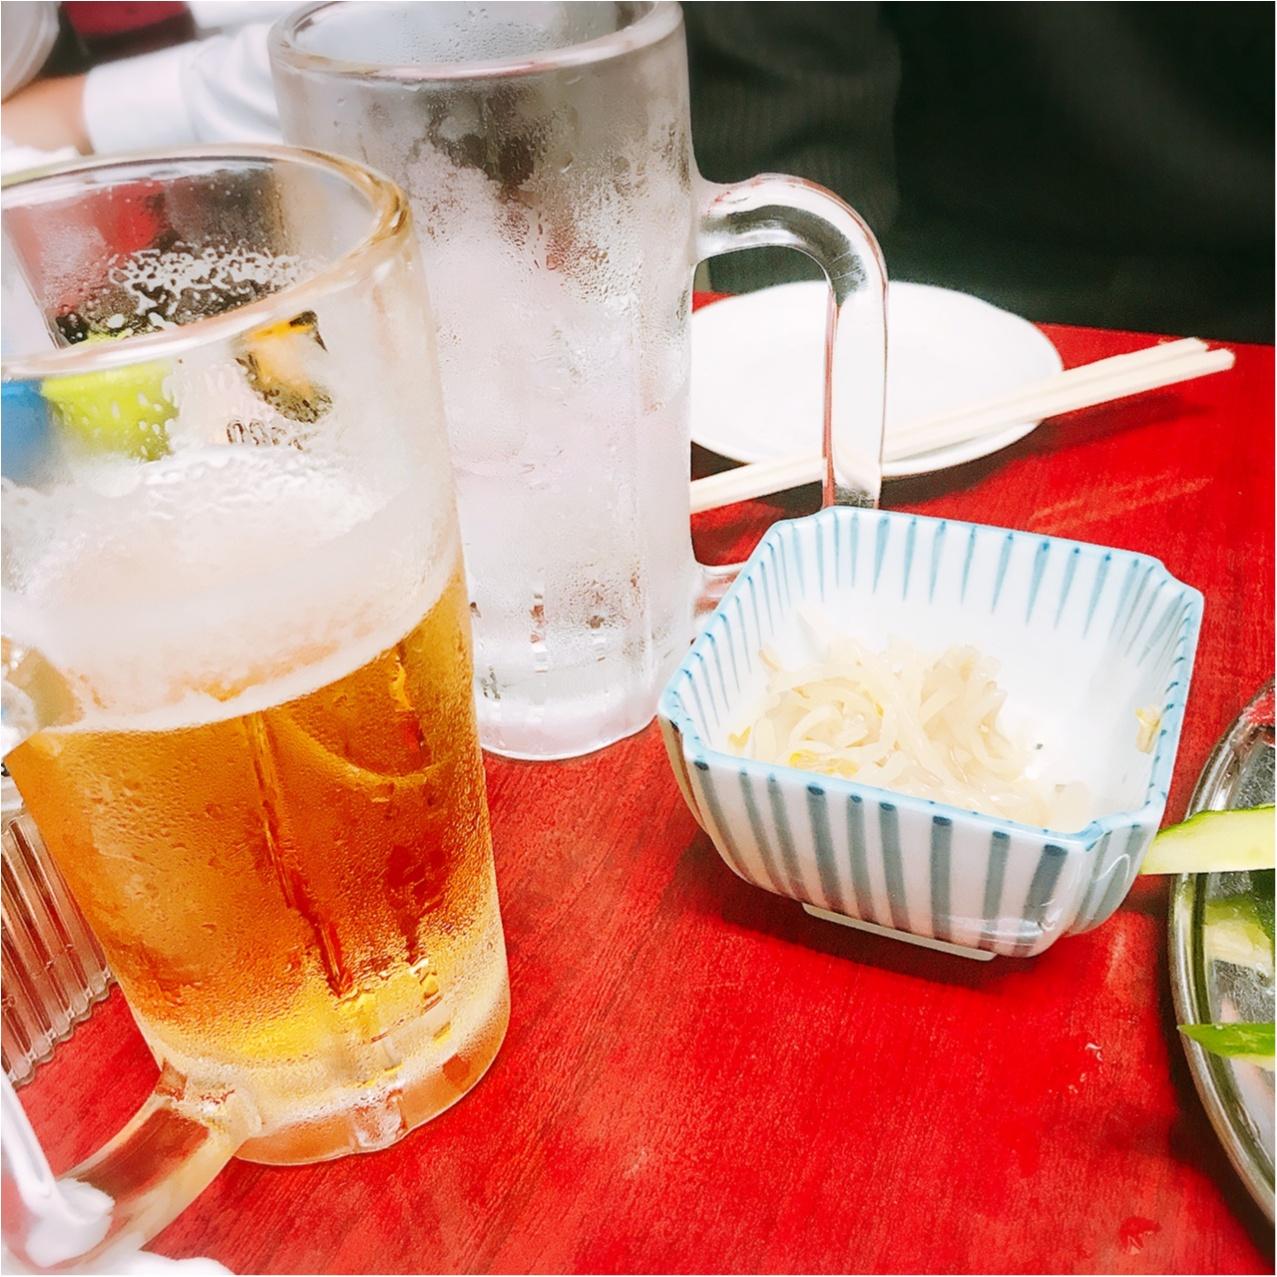 【せんべろin北千住】お酒もつまみもほぼワンコイン以下!《もつ焼き つみき》でリアルタラレバ女子会♡_3